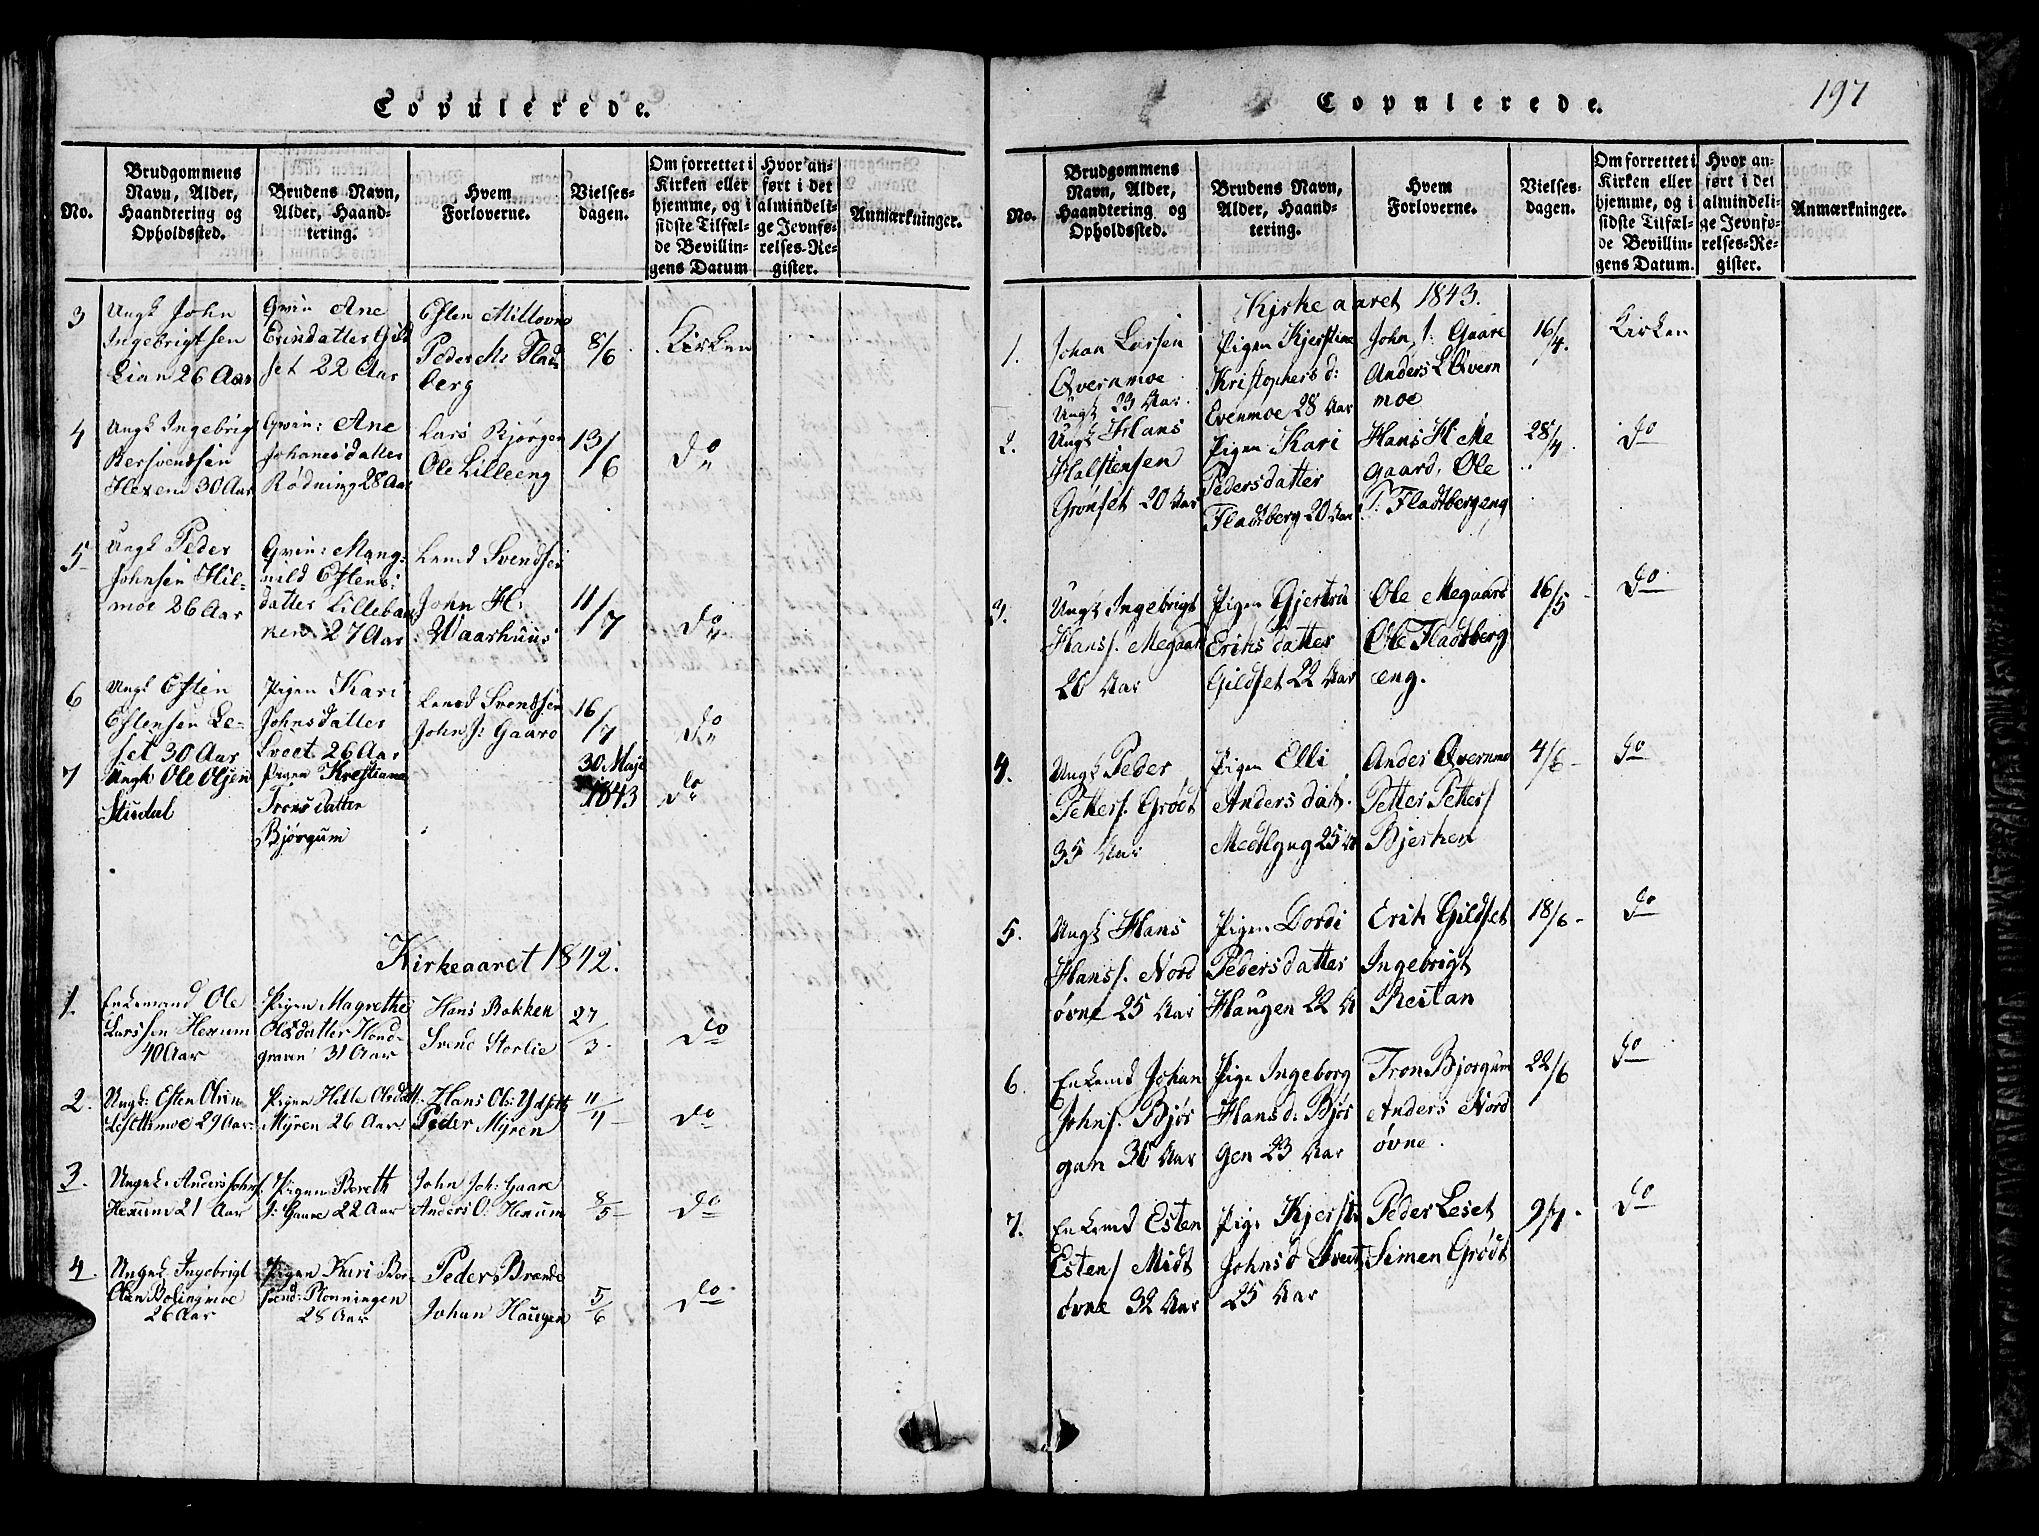 SAT, Ministerialprotokoller, klokkerbøker og fødselsregistre - Sør-Trøndelag, 685/L0976: Klokkerbok nr. 685C01, 1817-1878, s. 197